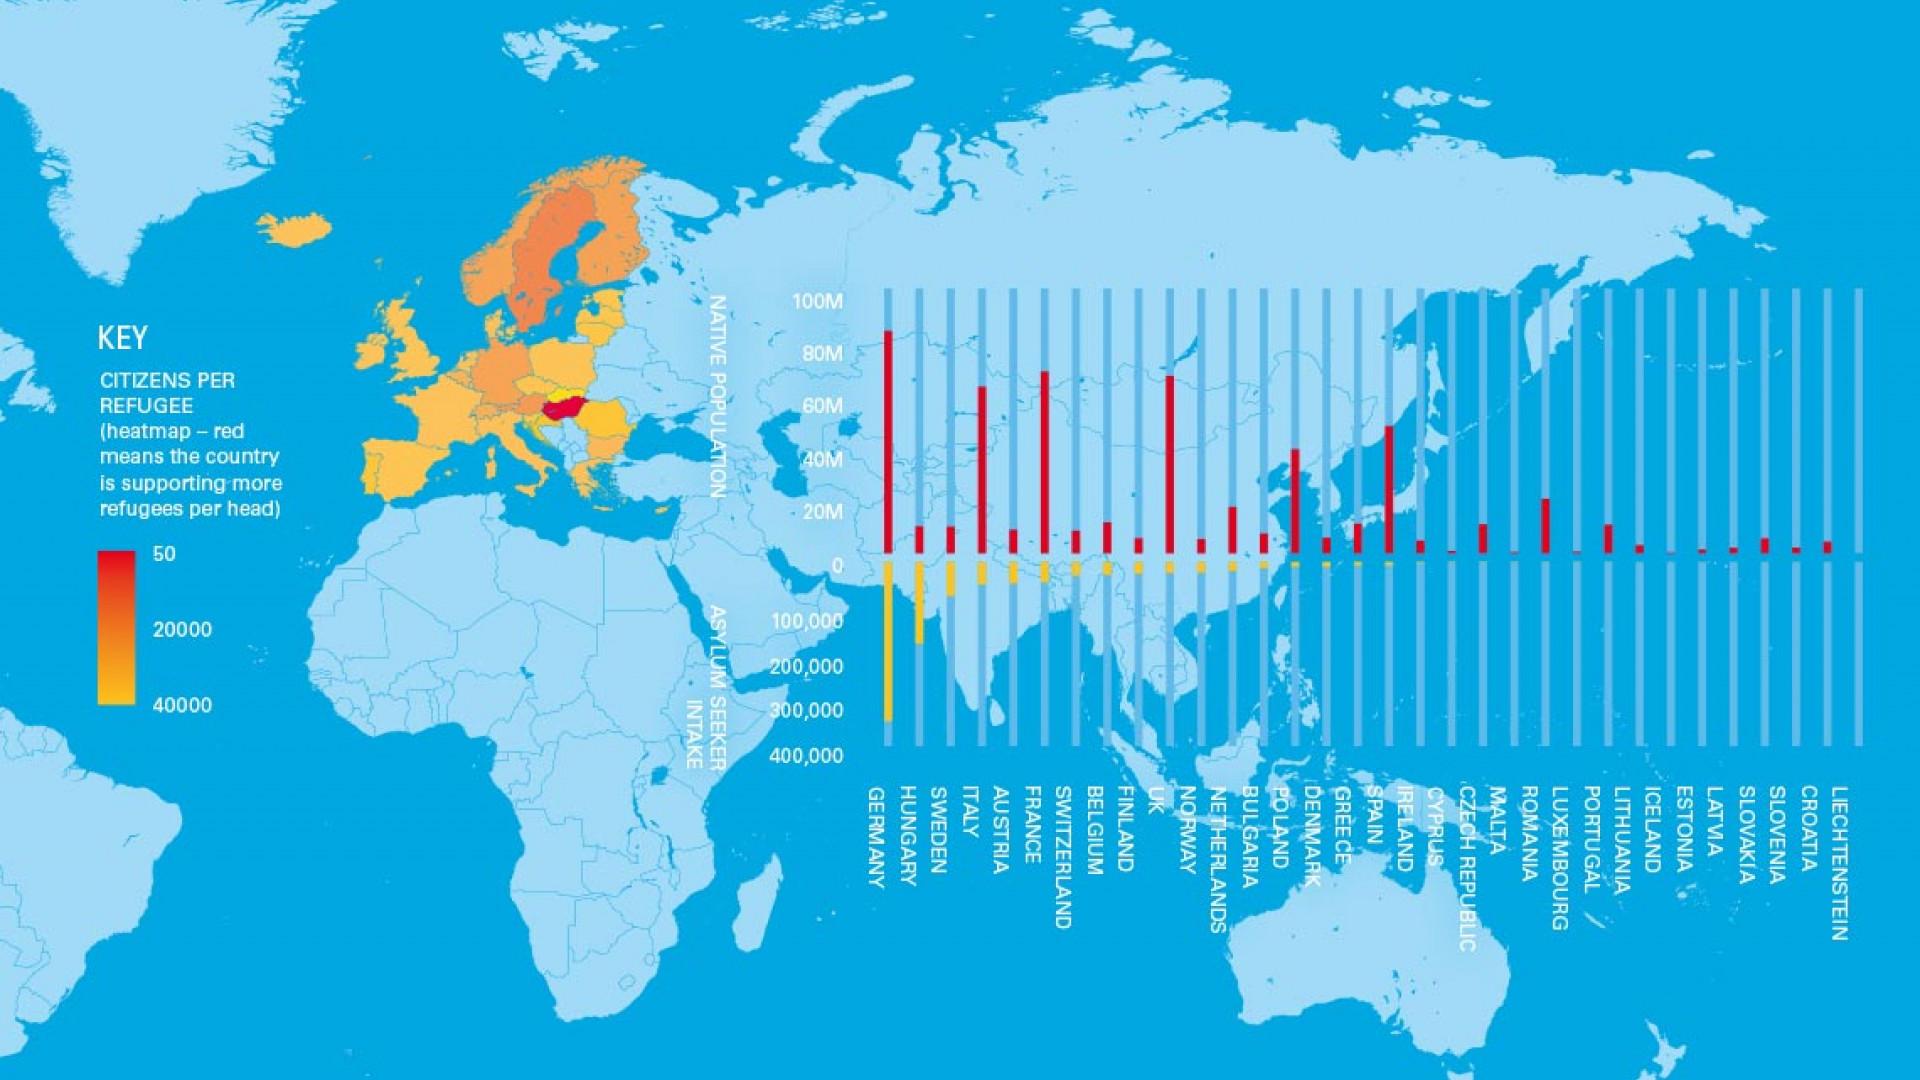 EU and Schengen area countries new asylum applications 2015